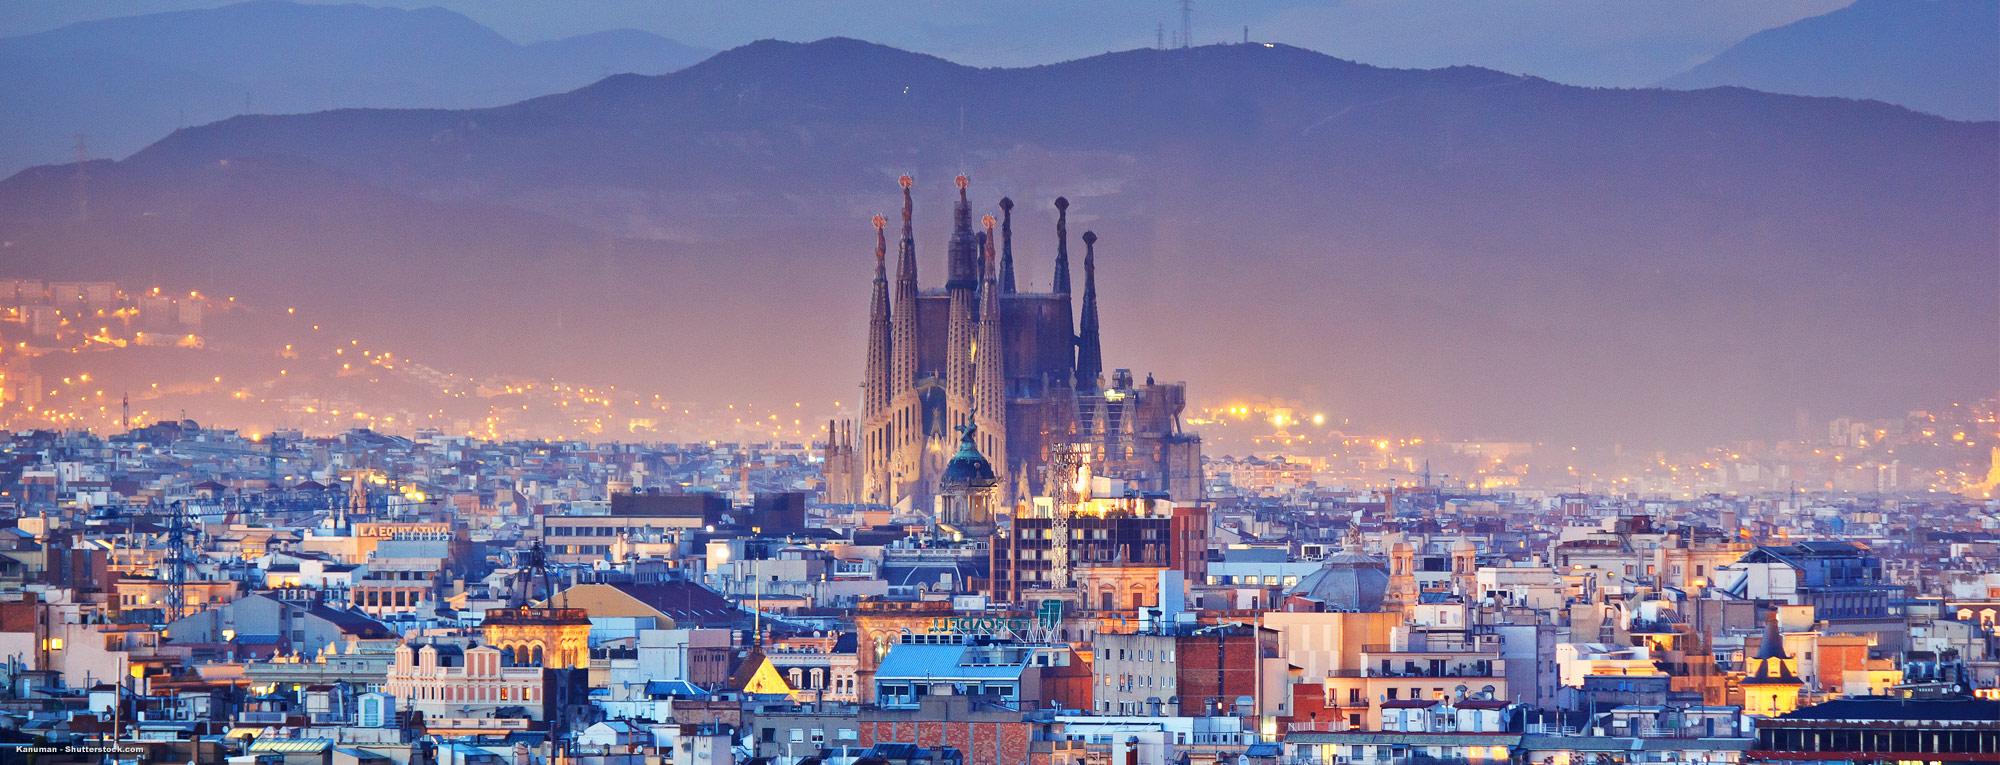 Sprachschulen Barcelona, Sprachkurse Barcelona